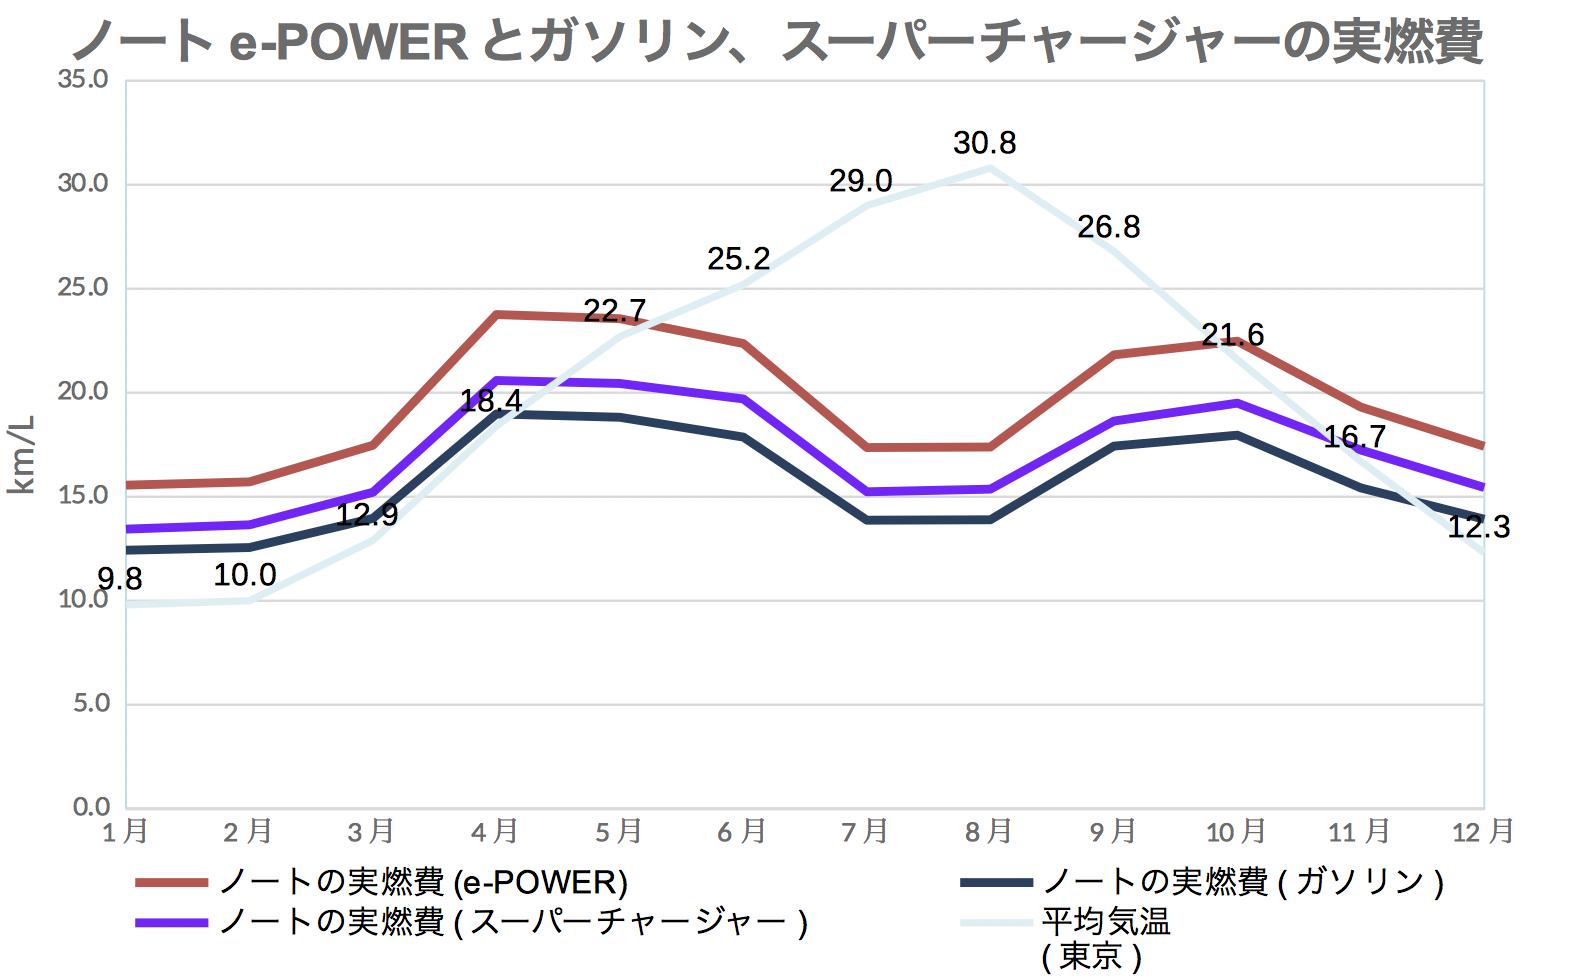 ノート_e-powerガソリン実燃費